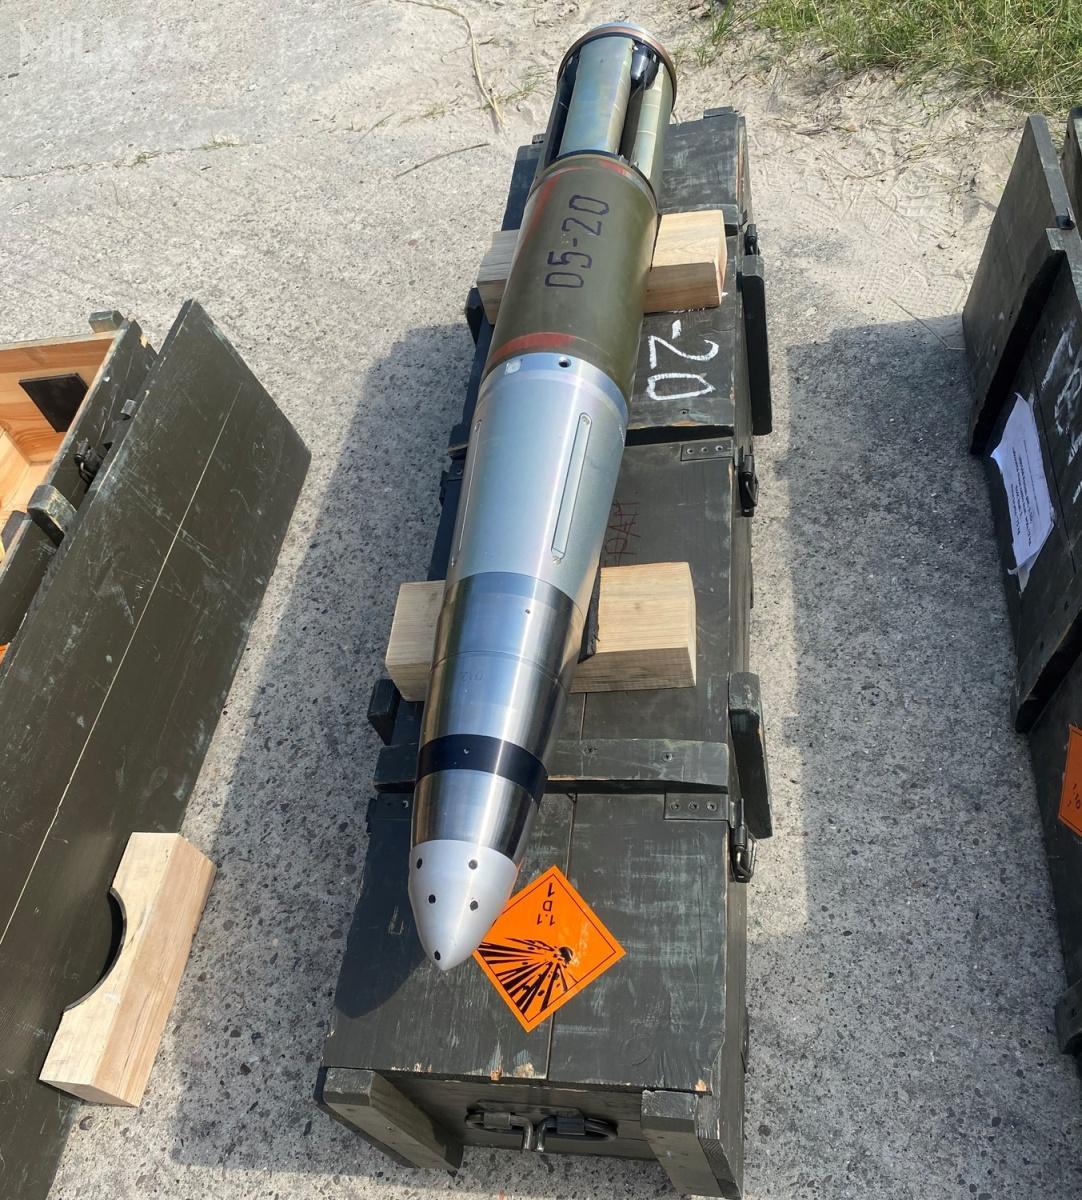 Projekt owartości ok. 85 mln zł jest realizowany przezMesko wewspółpracy zWojskową Akademią Techniczną, CRW Telesystem Mesko ipartnerem zagranicznym, ukraińską SE SFTF Progress. Prototyp powstał nabazie rozwiązań ukraińskiego pocisku artyleryjskiego Kwitnik. Amunicja APR 155 ma charakteryzować się masą pocisku ok. 48 kg izasięgiem rażenia dook. 20 km / Zdjęcia: PGZ